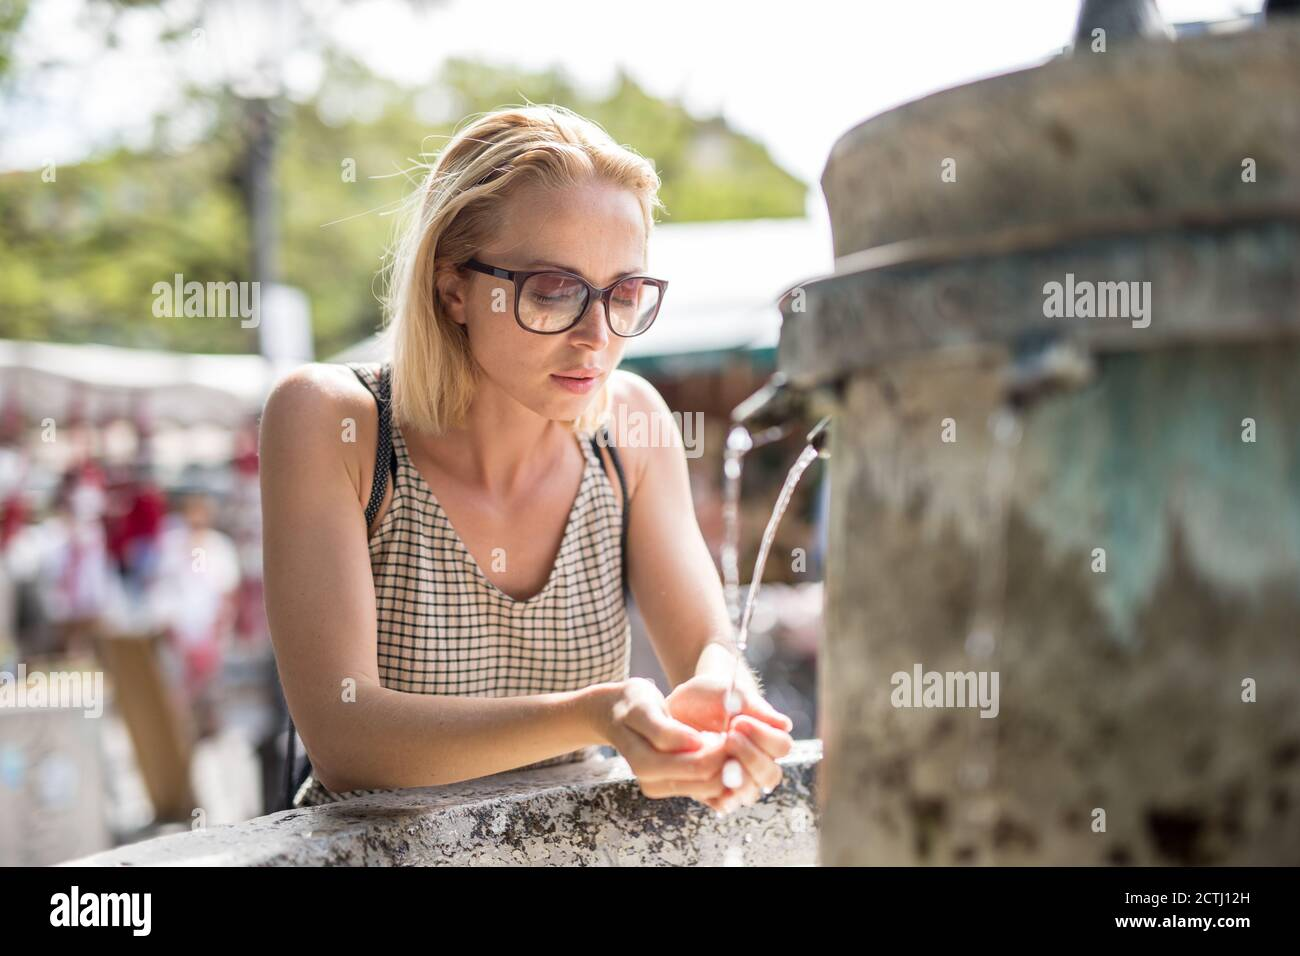 Soif jeune femme cucasie décontractée de boire de l'eau de la ville publique fontaine par une chaude journée d'été Banque D'Images